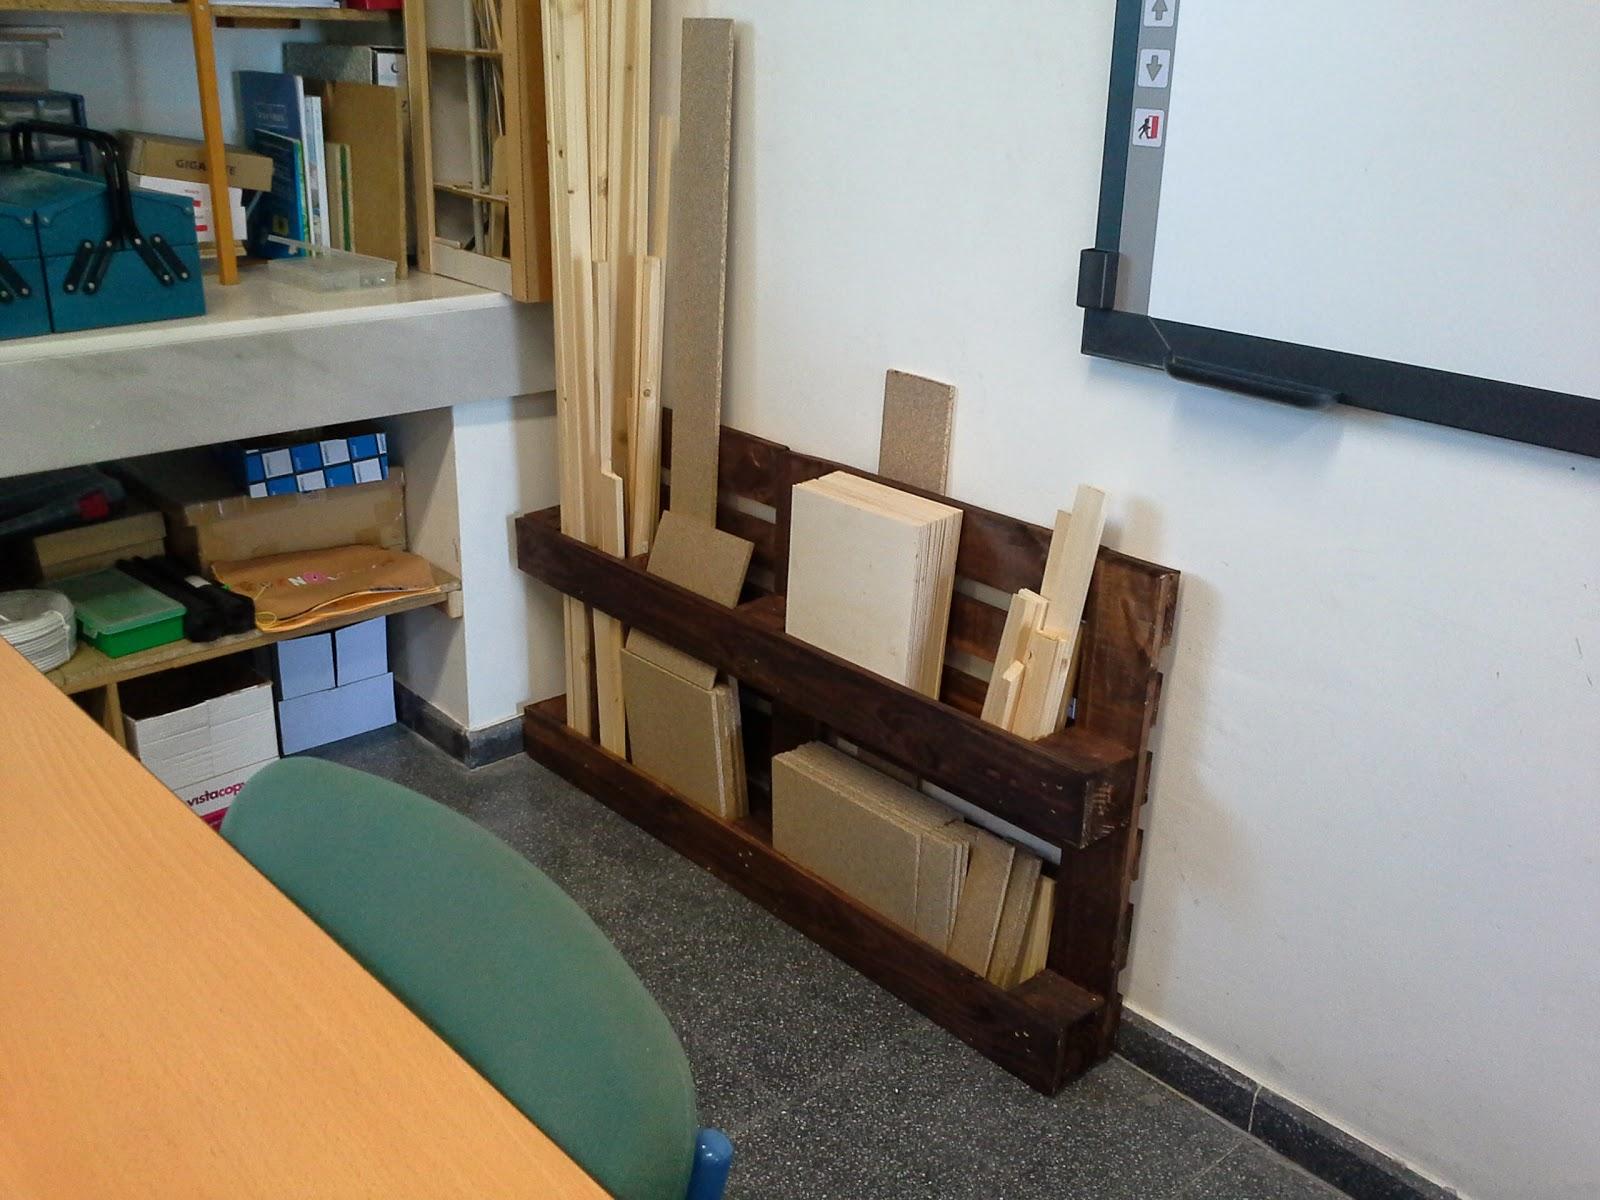 Proyectos de tecnolog a mueble para organizar maderas en el taller de tecnolog a - Muebles para organizar ...